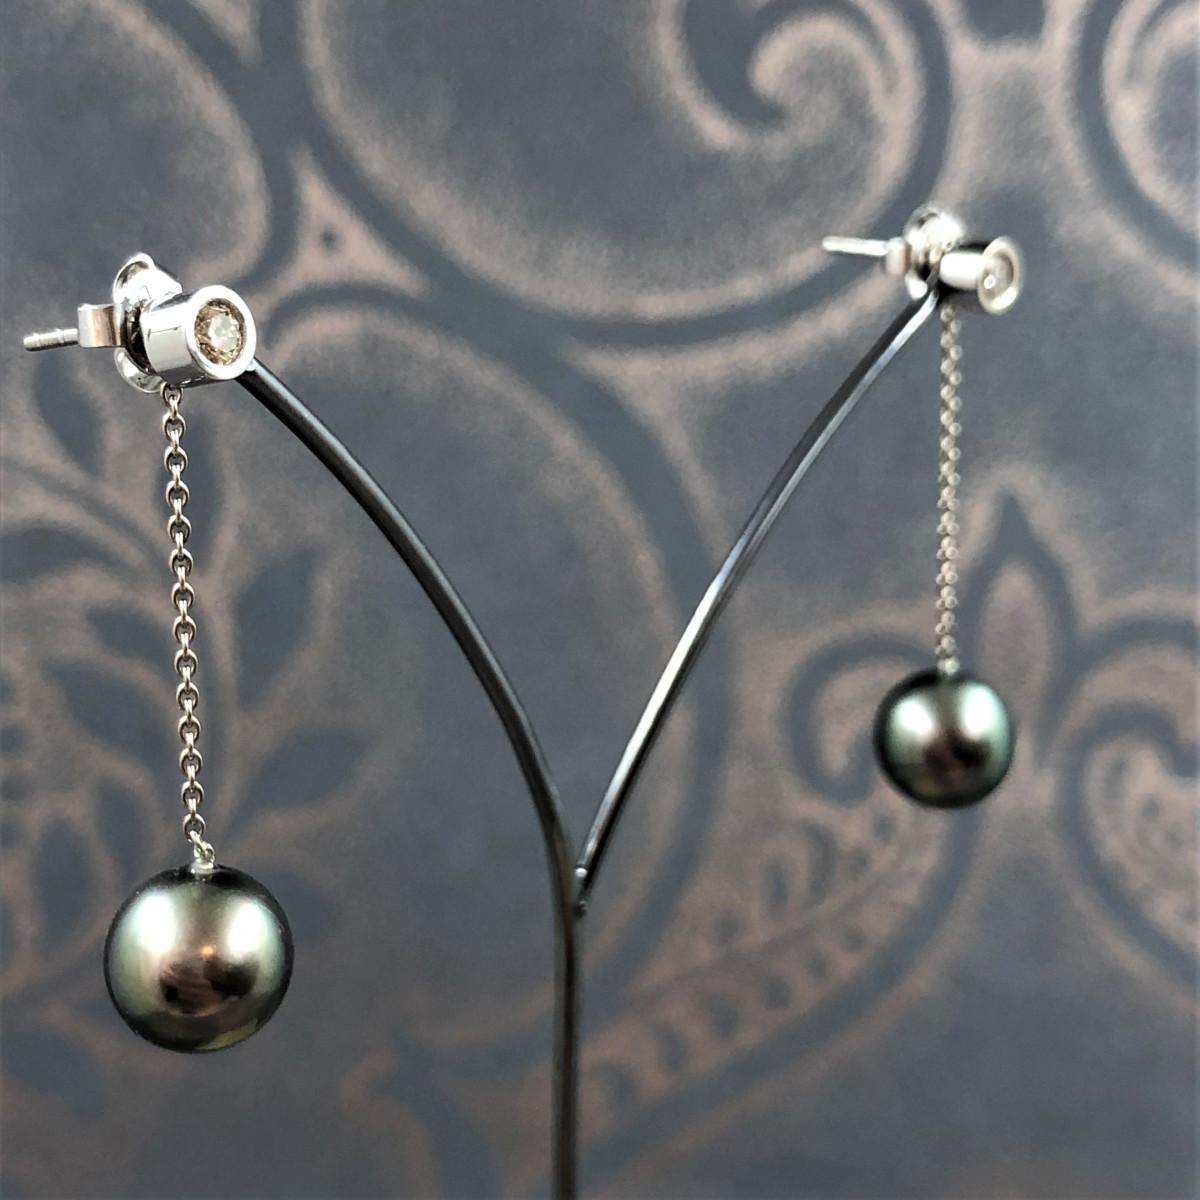 Örhängen, tahaitipärlor, diamantörhängen